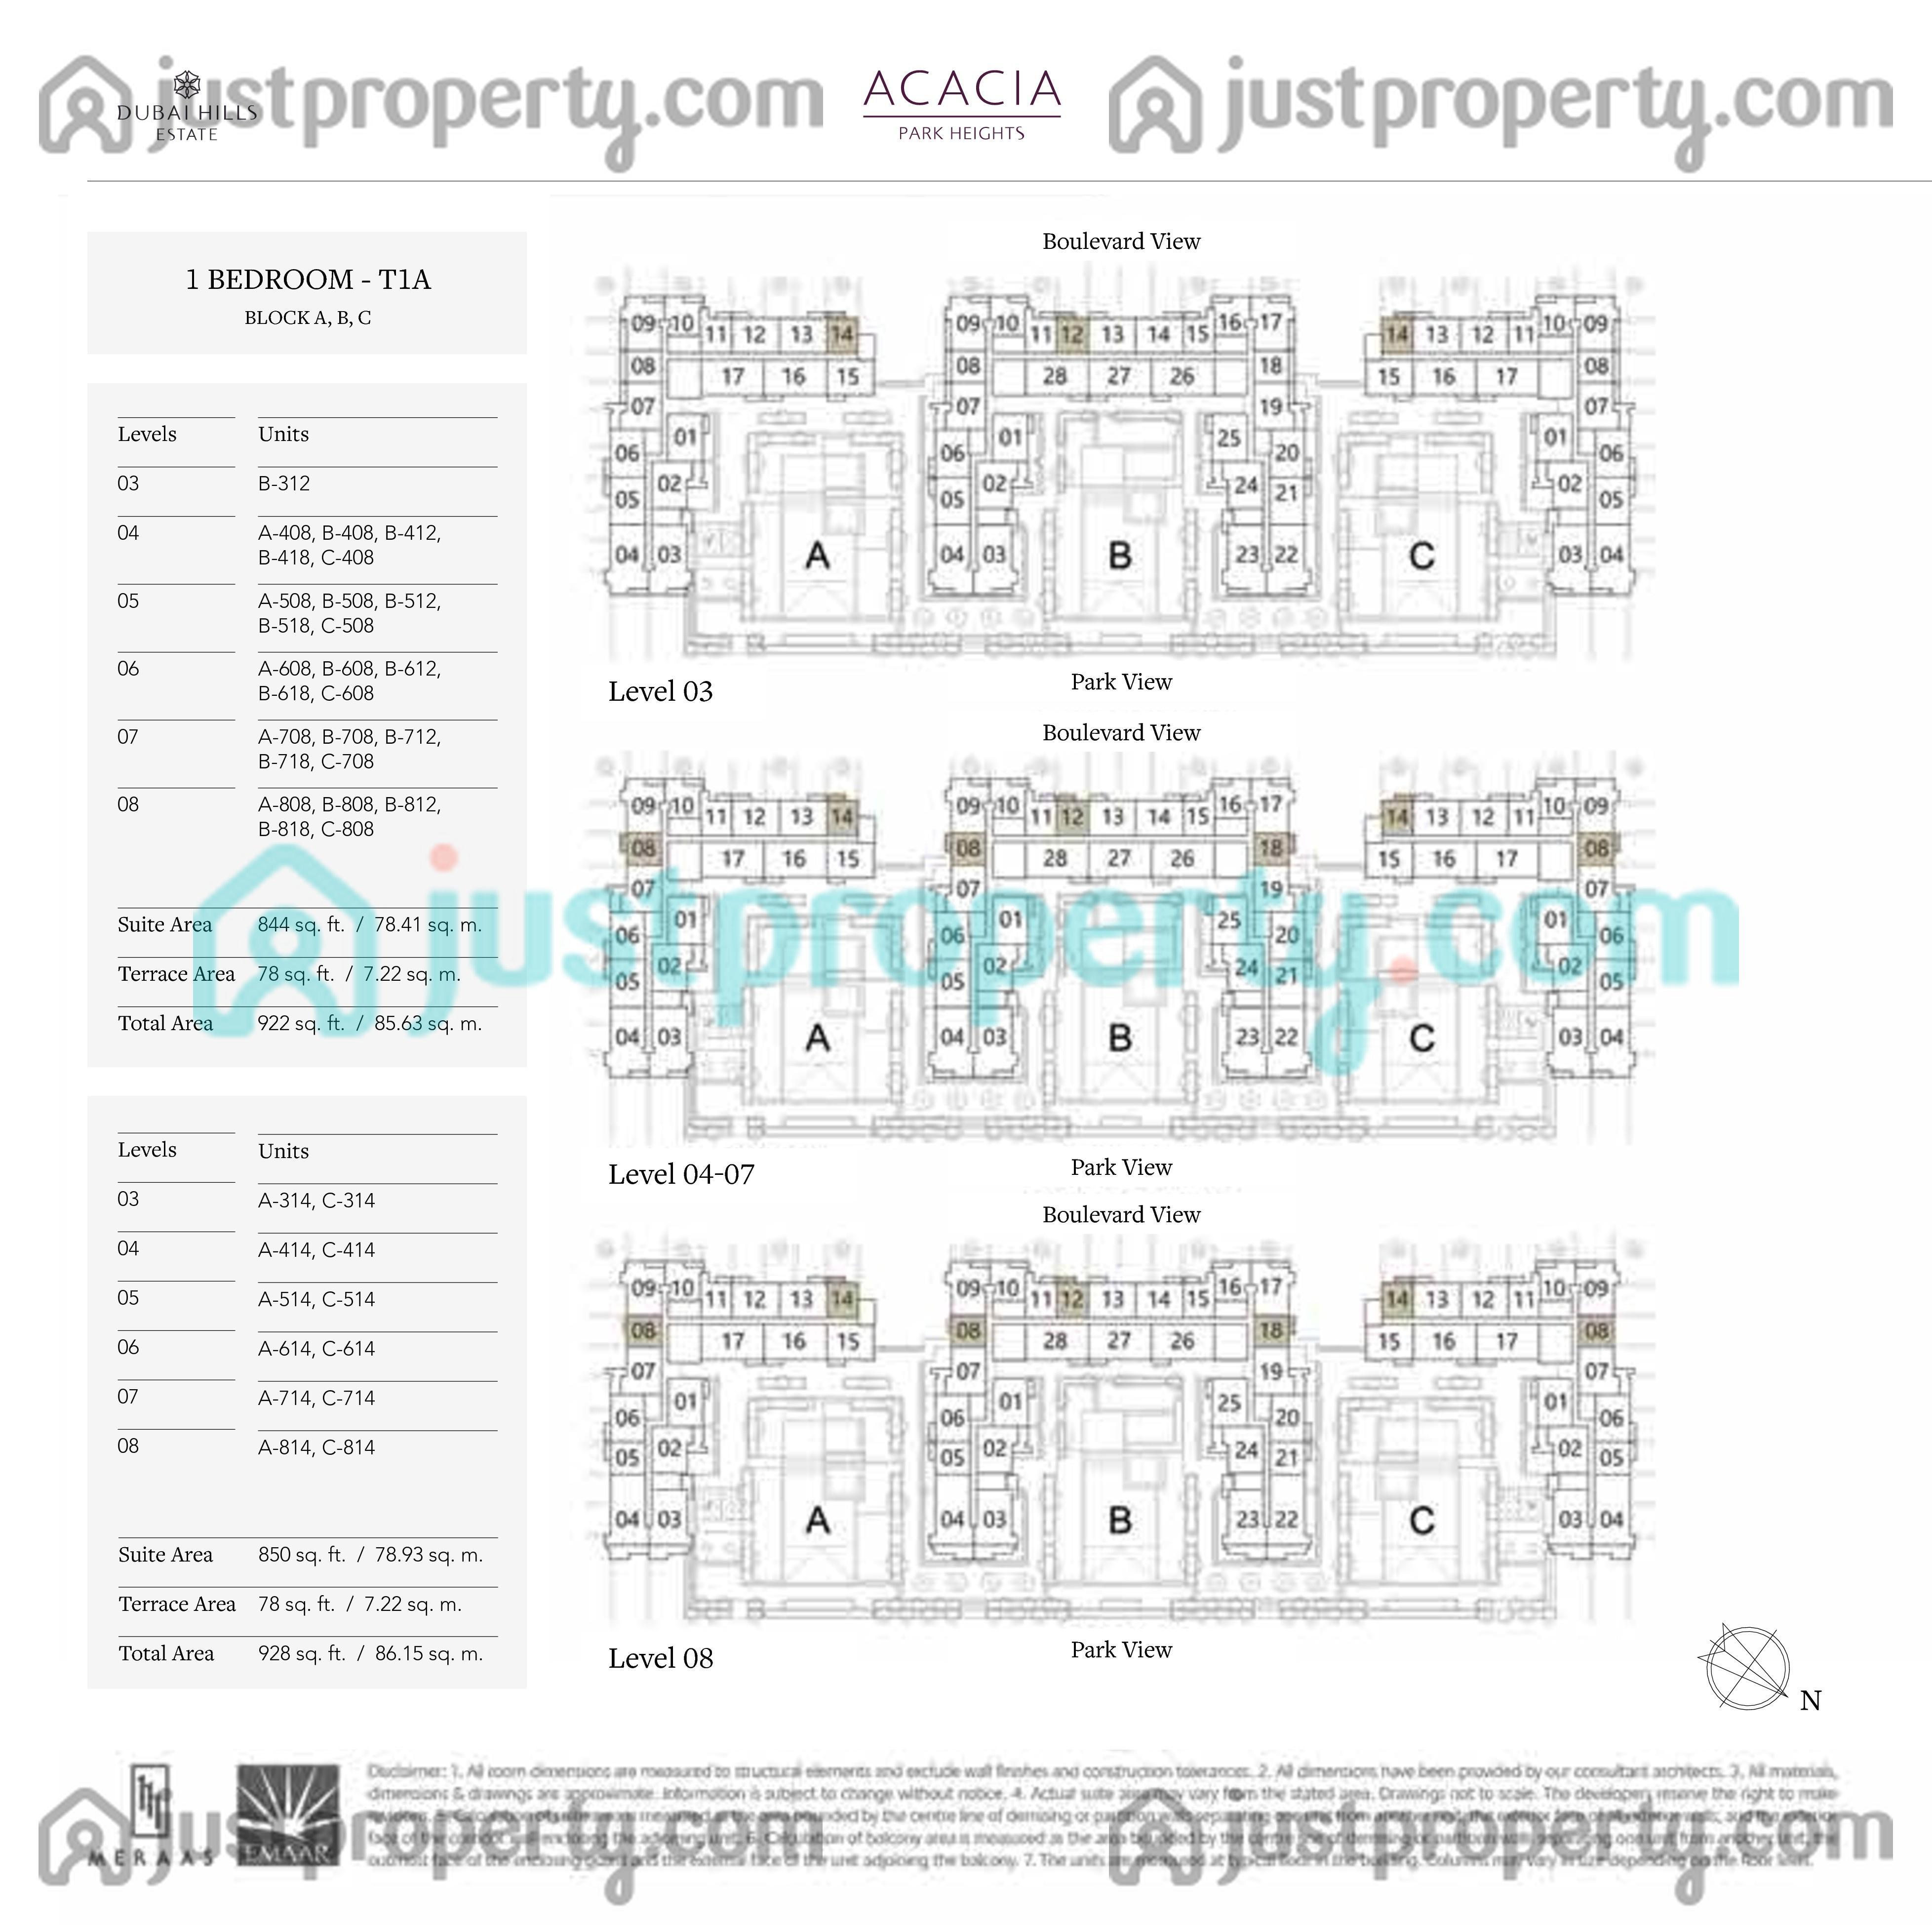 Acacia Park Heights Floor Plans